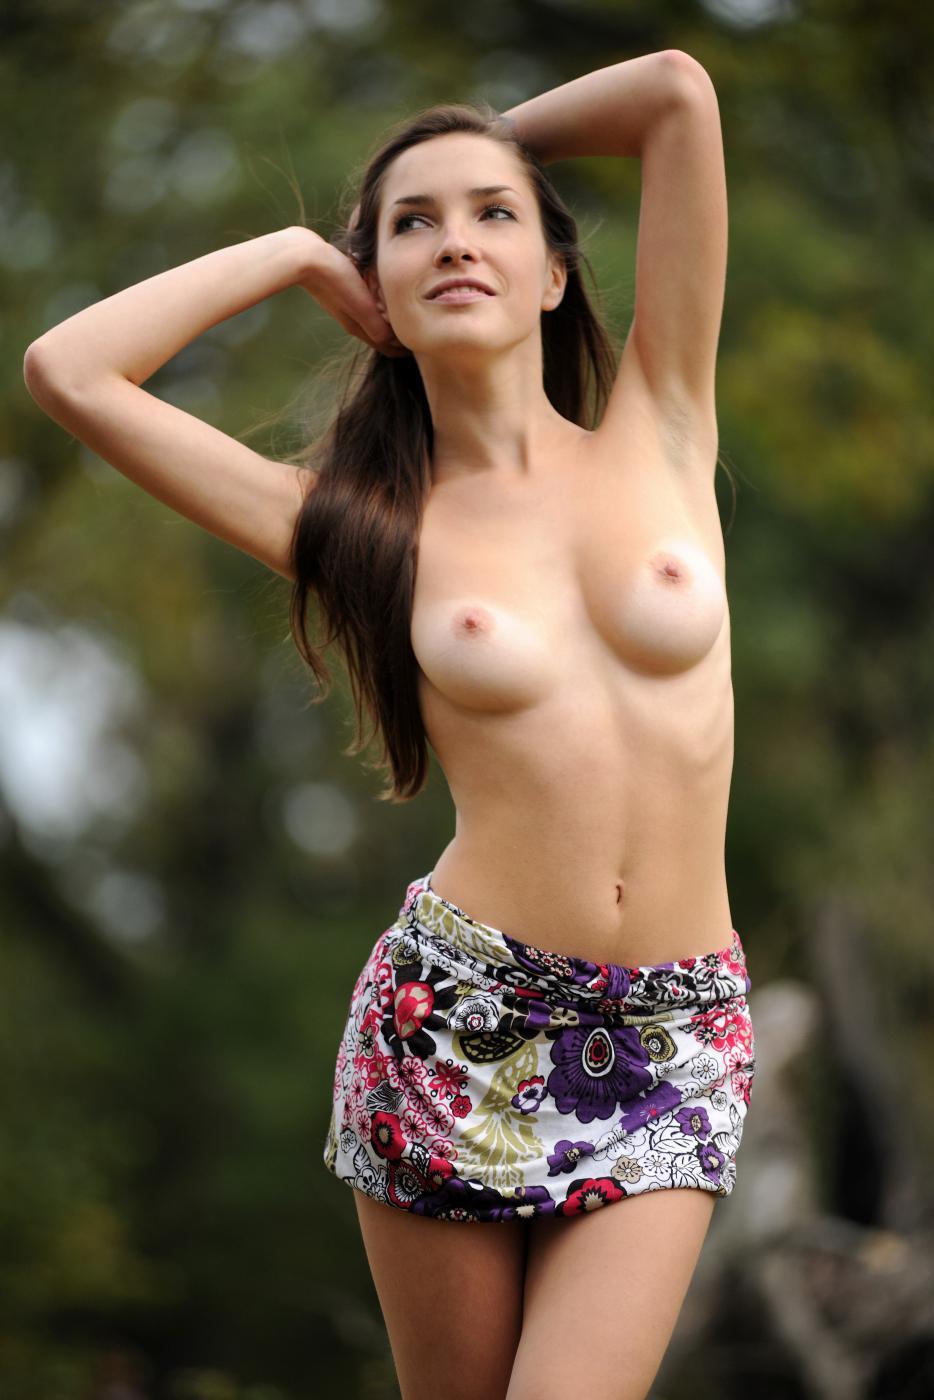 Сисястая темноволосая девка Semmi A идет на прогулку на луг и спускает свою одежду перед объективом